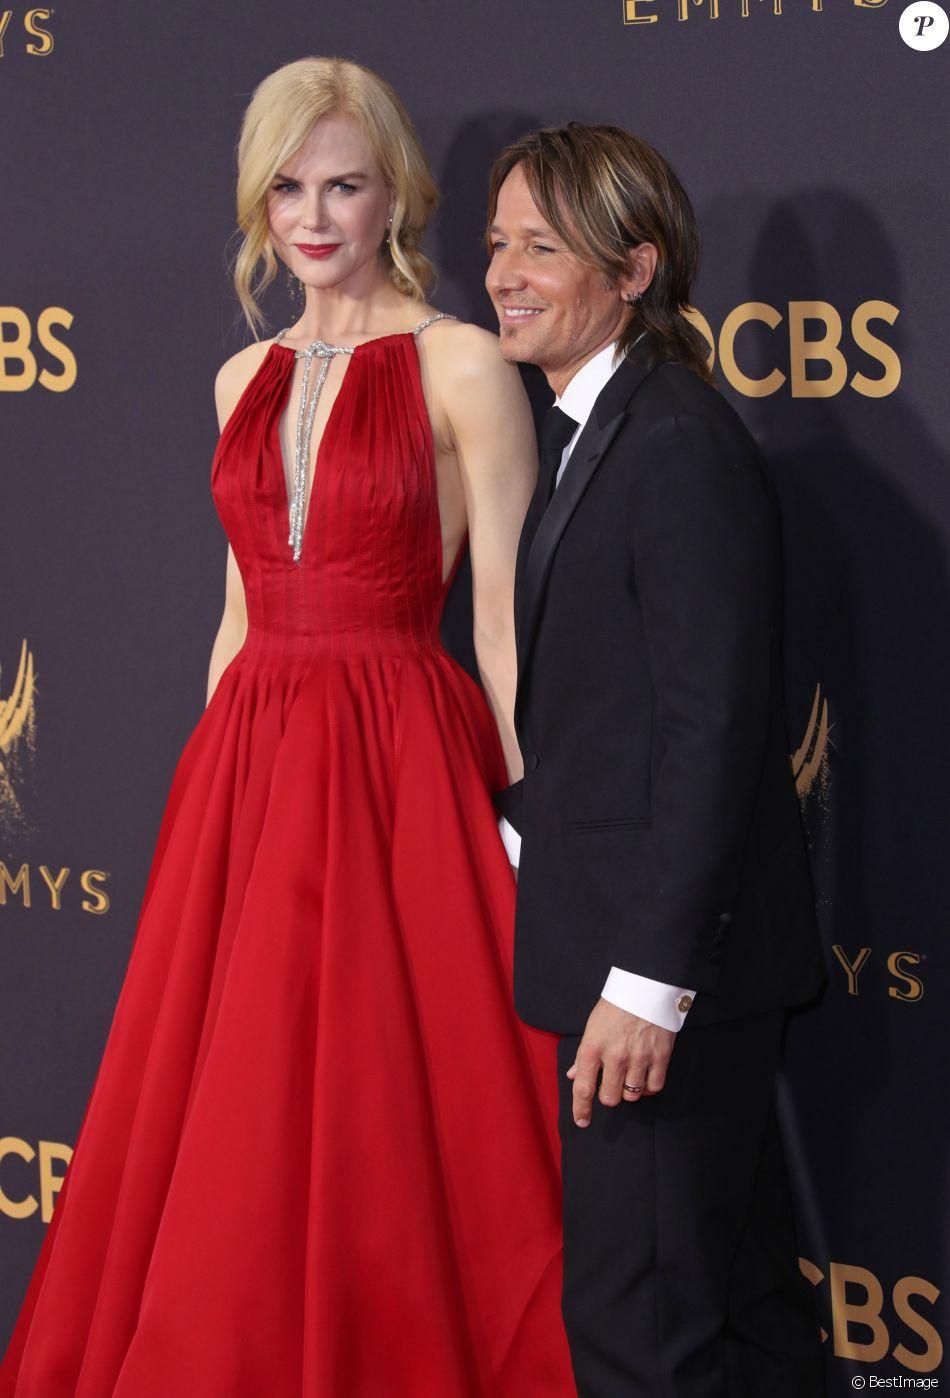 Nicole Kidman et son mari Keith Urban - 69ème cérémonie des Emmy Awards au Théâtre Microsoft à Los Angeles. Le 17 septembre 2017.